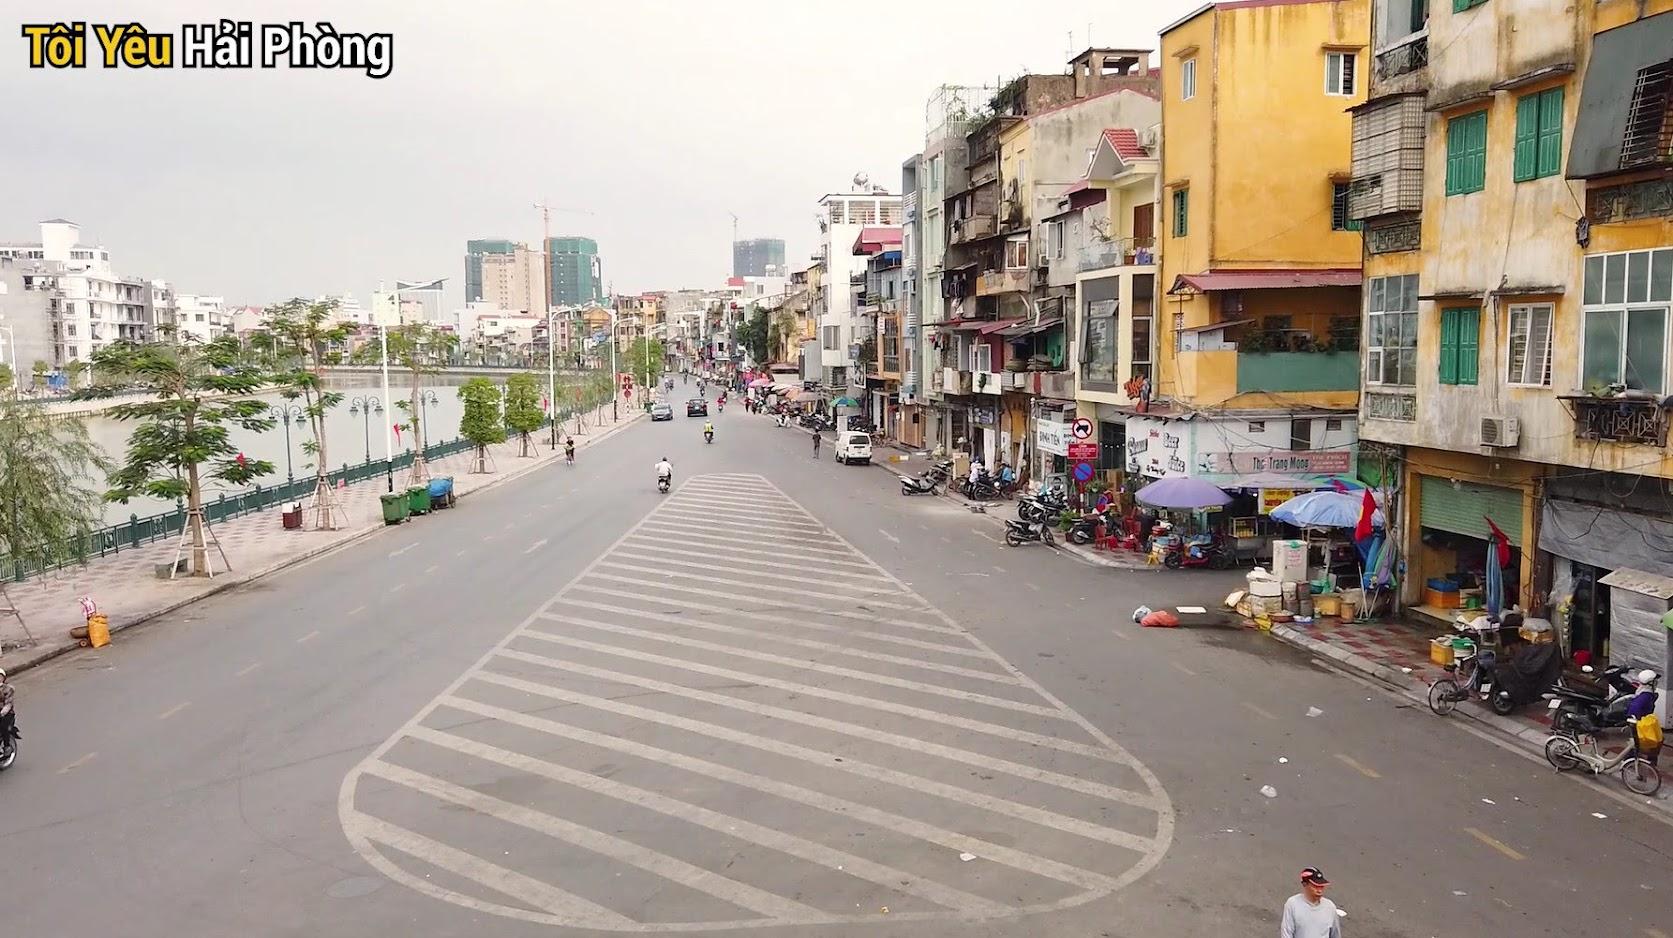 Cà phê view đẹp Bắc Việt phố đi bộ Tam Bạc ở Hải Phòng 8